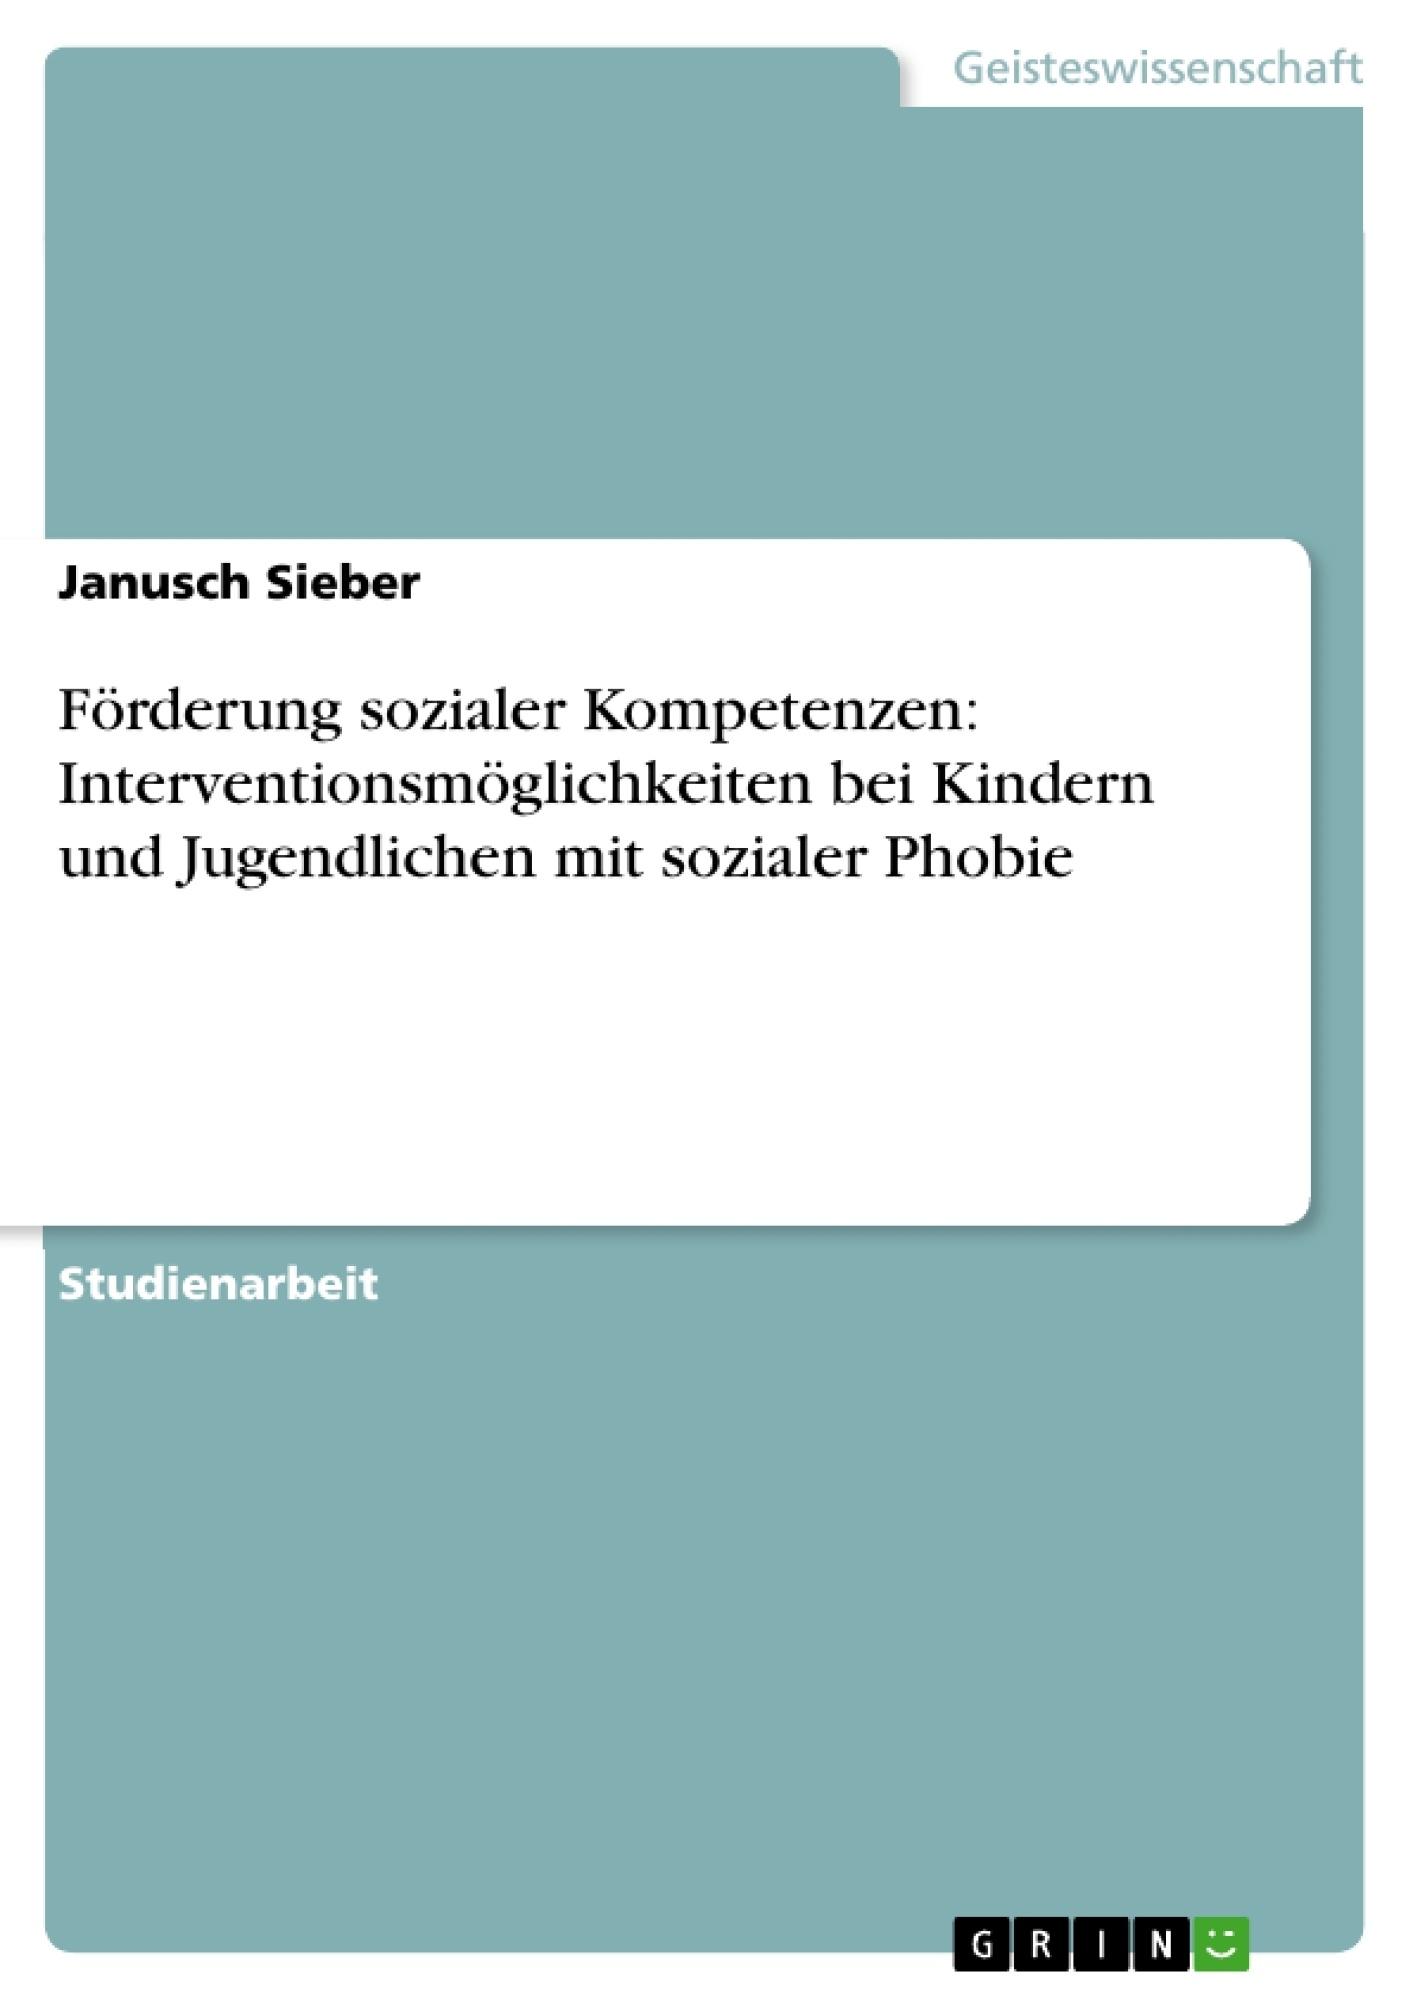 Titel: Förderung sozialer Kompetenzen: Interventionsmöglichkeiten bei Kindern und Jugendlichen mit sozialer Phobie